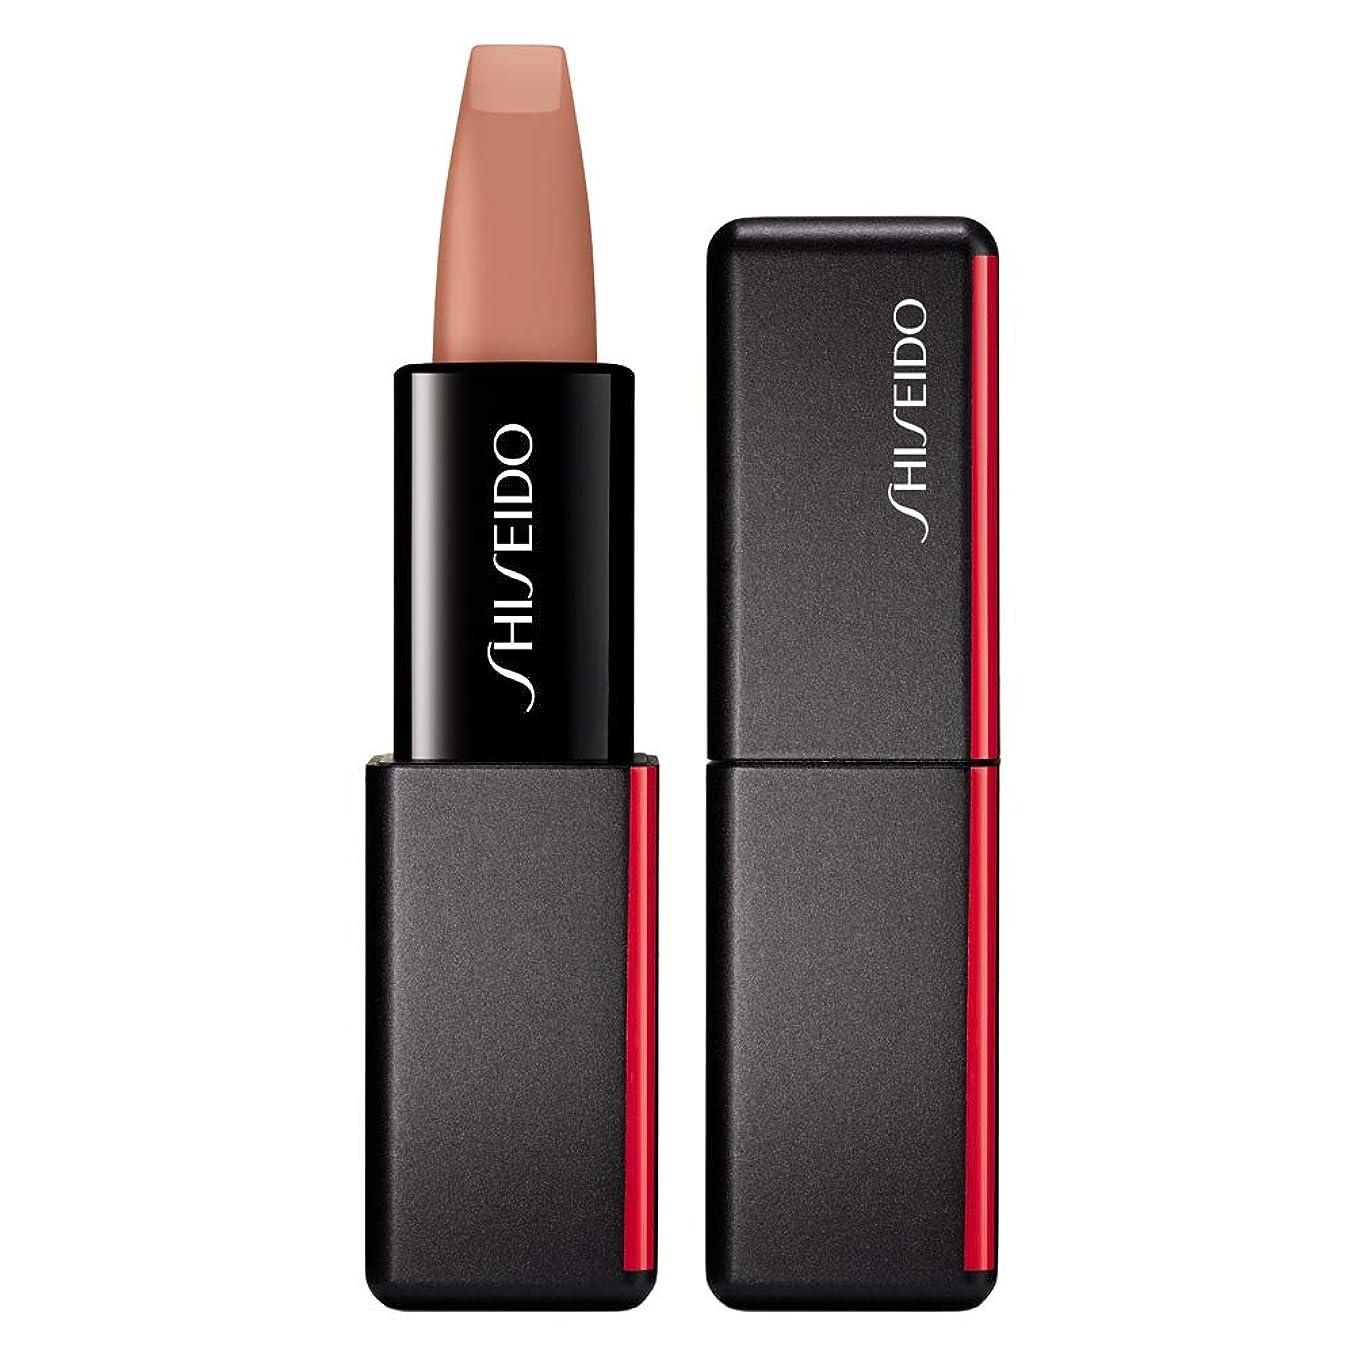 音節ウガンダバリー資生堂 ModernMatte Powder Lipstick - # 502 Whisper (Nude Pink) 4g/0.14oz並行輸入品